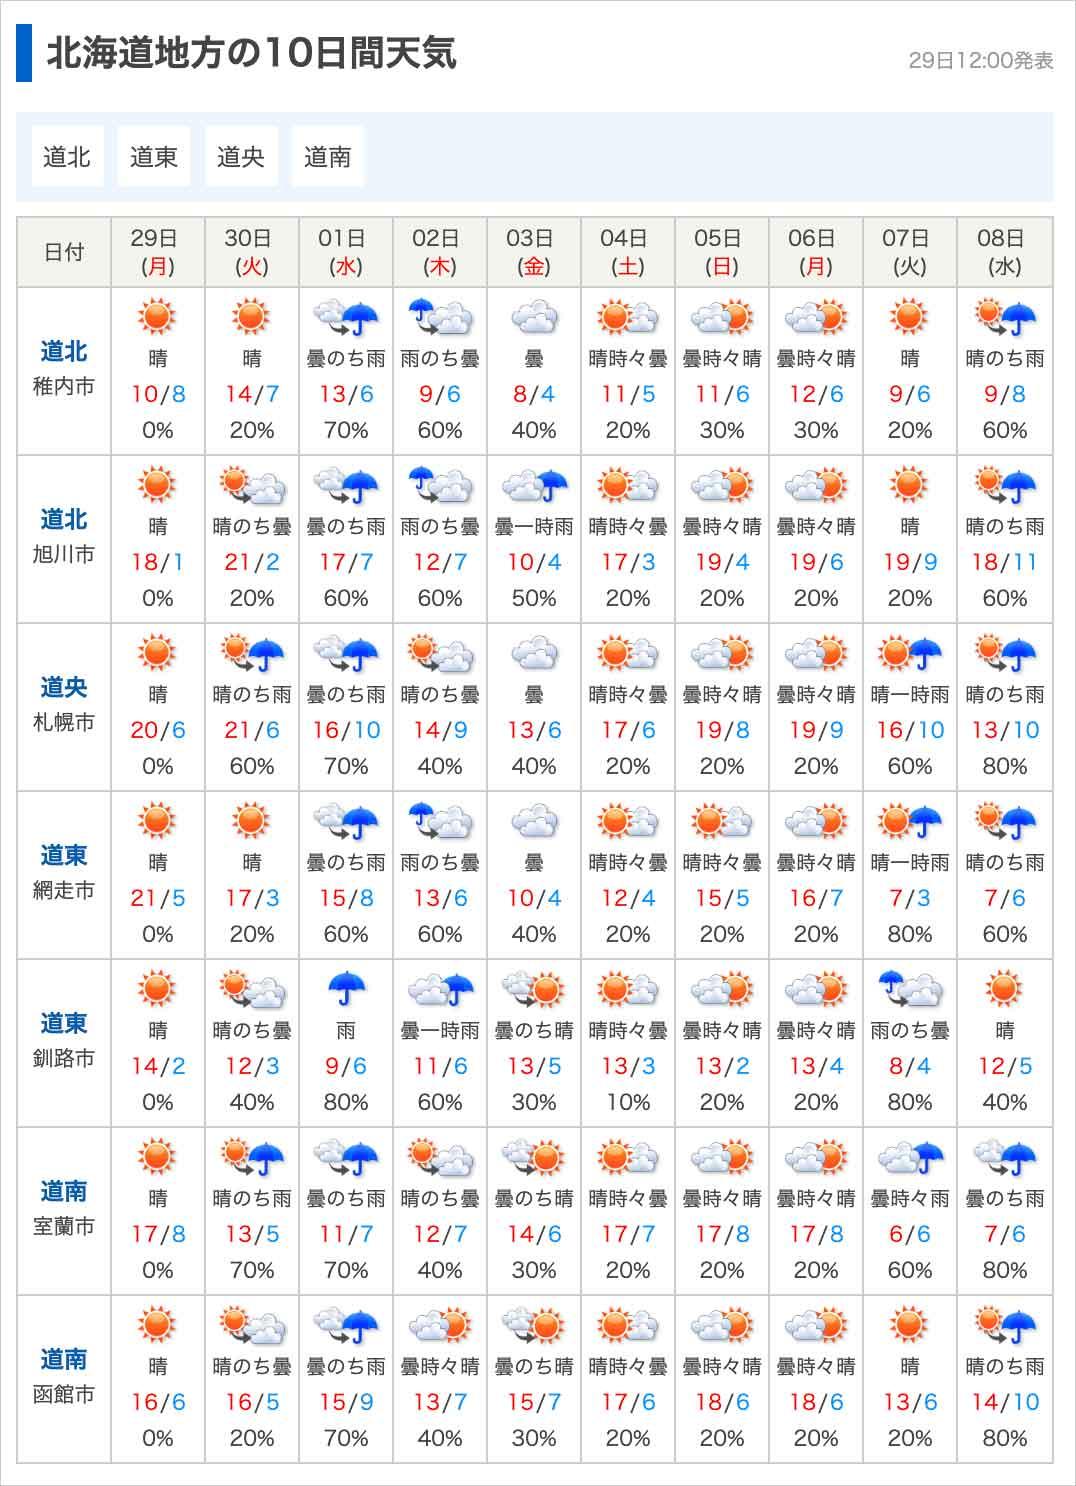 ゴールデンウィークの北海道の天気